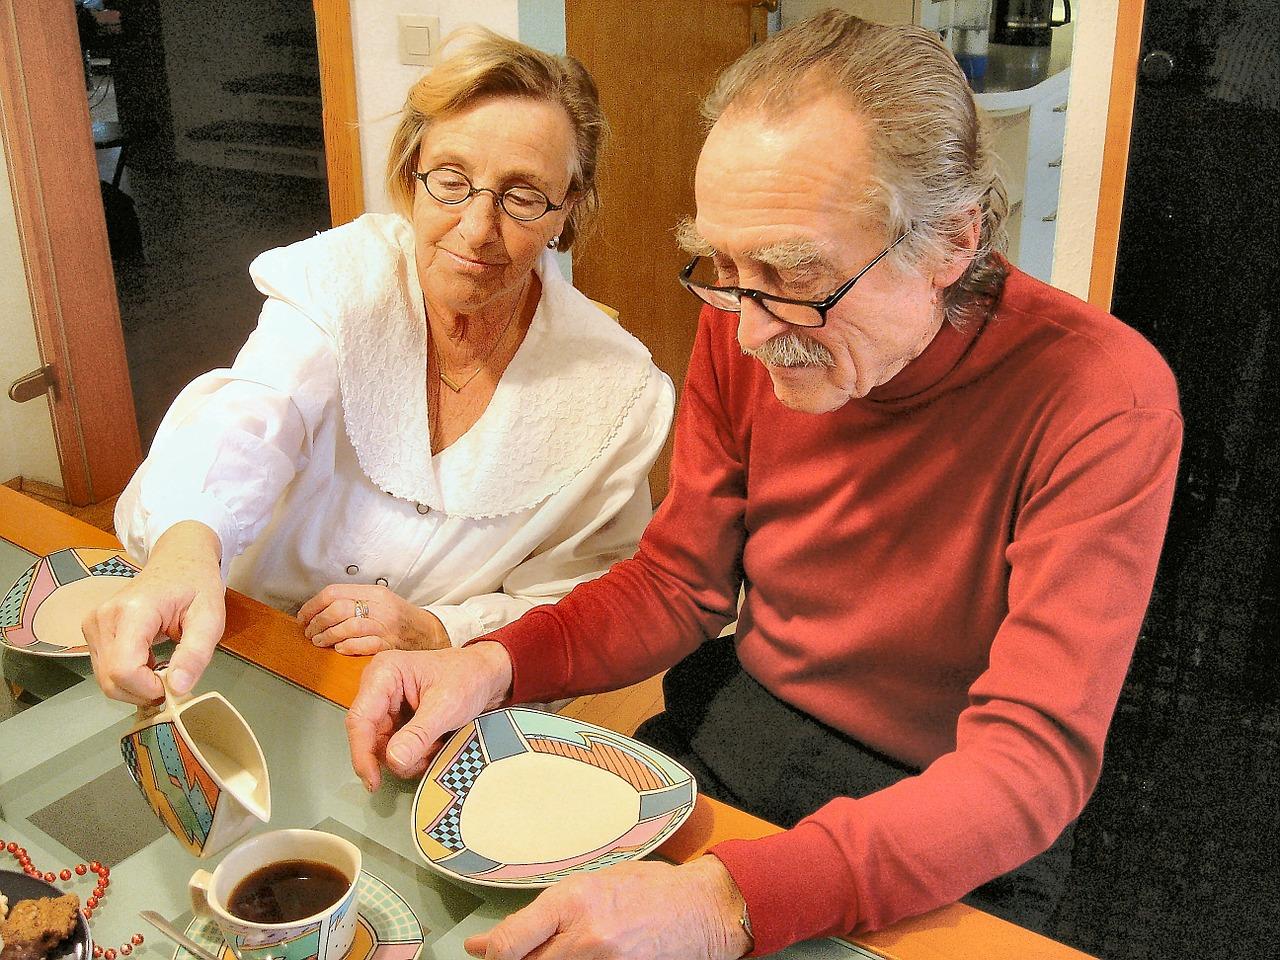 Perche-gli-Anziani-Rifiutano-il-Cibo-Cause Perché gli anziani non vogliono mangiare?